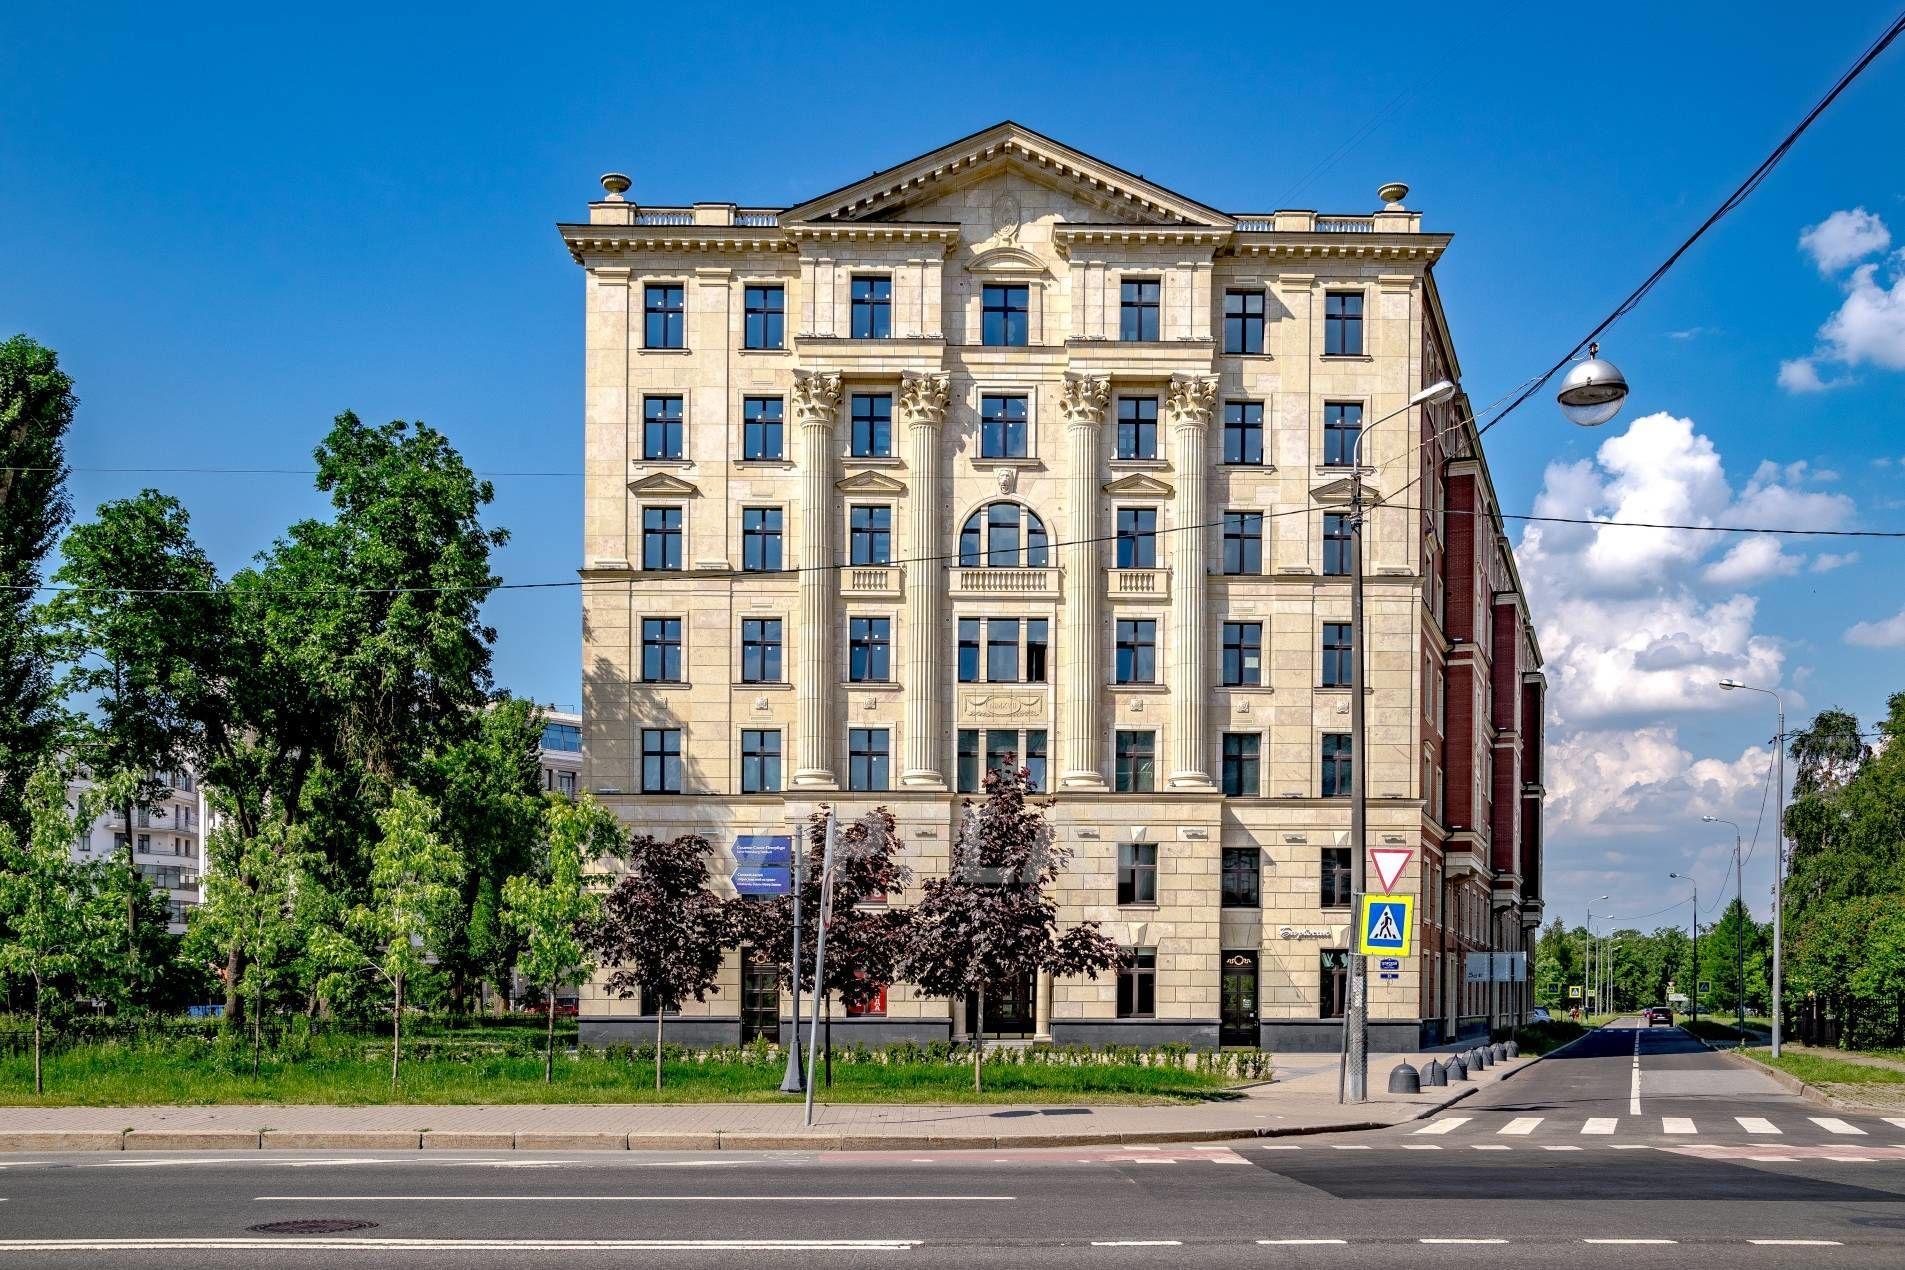 Продажа элитных квартир Санкт-Петербурга. Морской пр., 29 Торжественный фасад